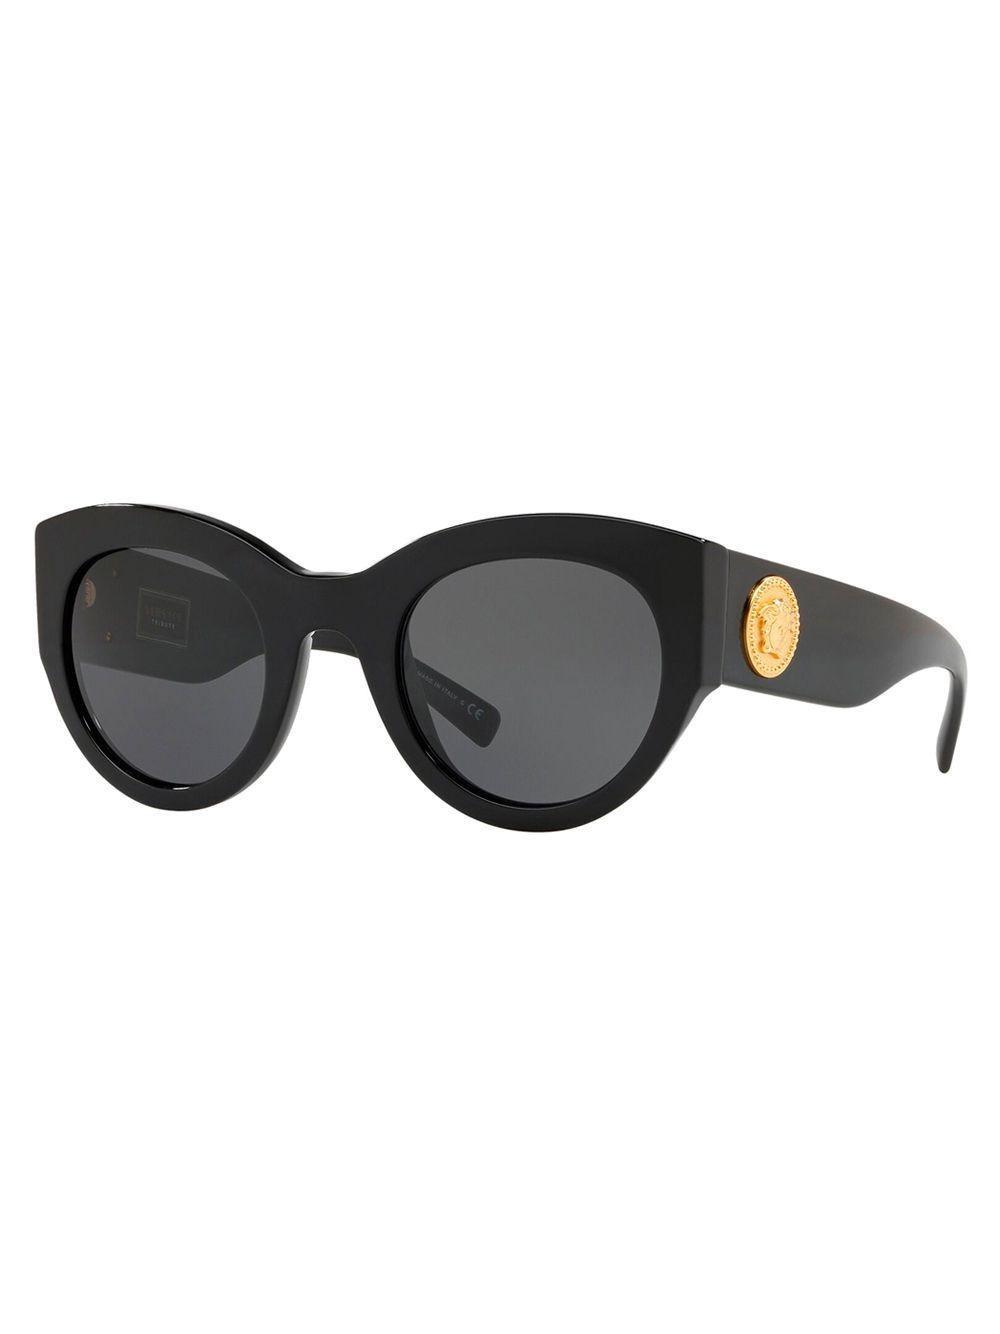 dd771a20d Versace - Black Óculos De Sol Ve4353 - Lyst. View fullscreen